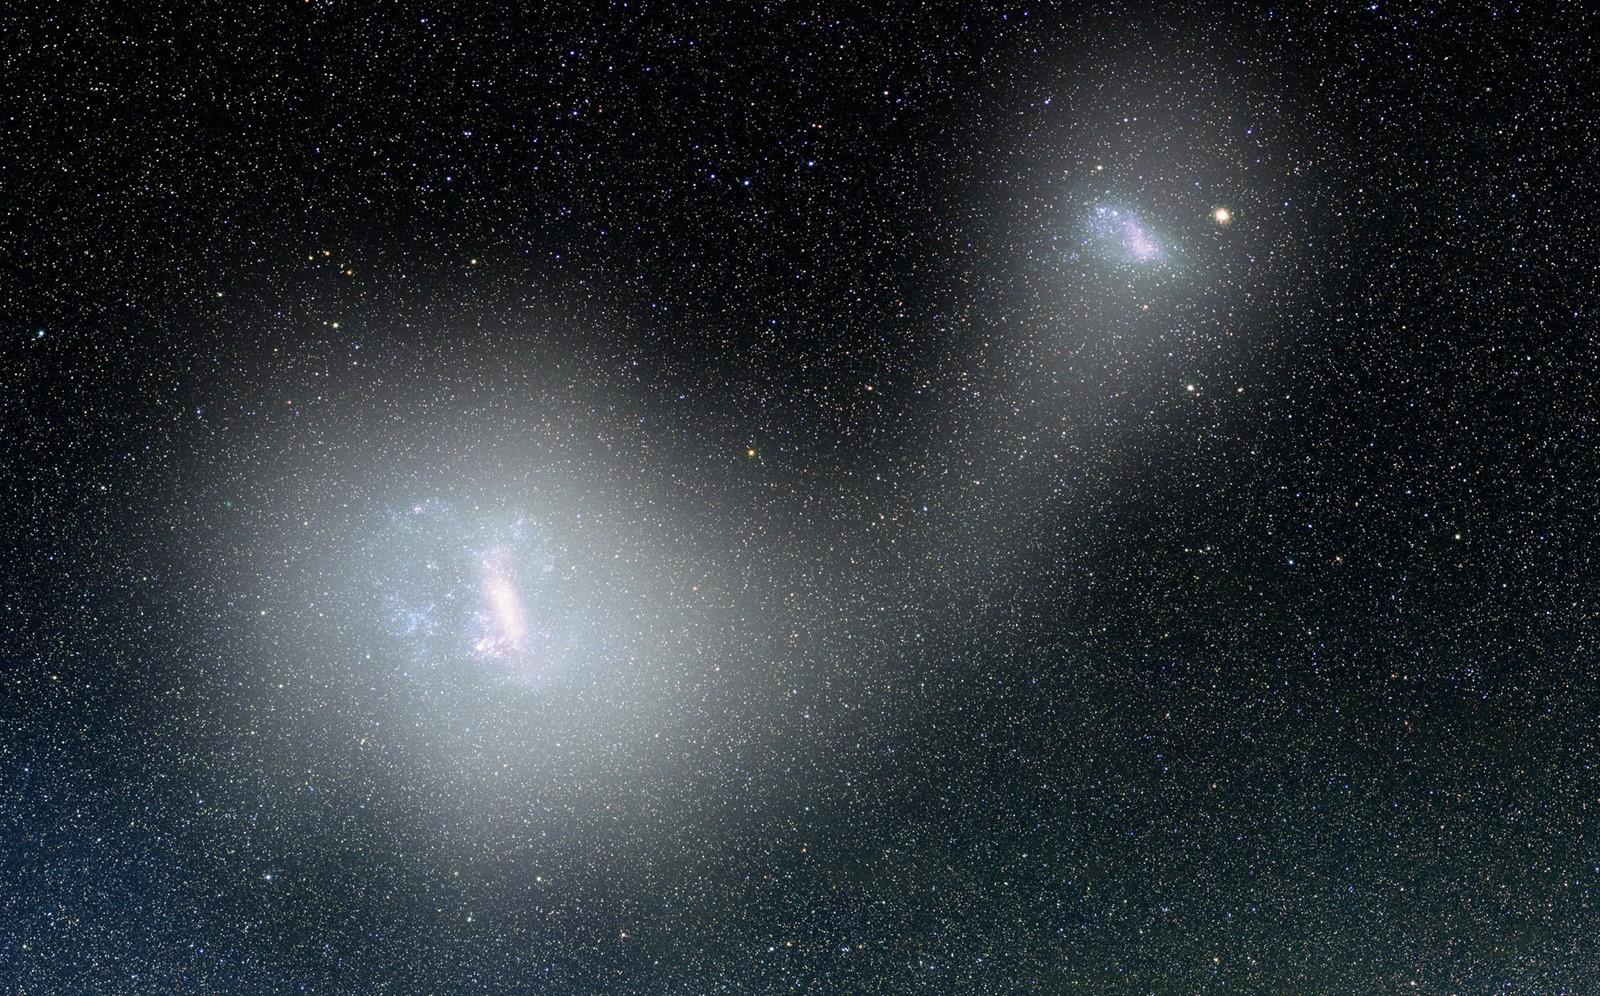 Un pont d'étoiles long de 43 000 années-lumière relie deux galaxies naines proches